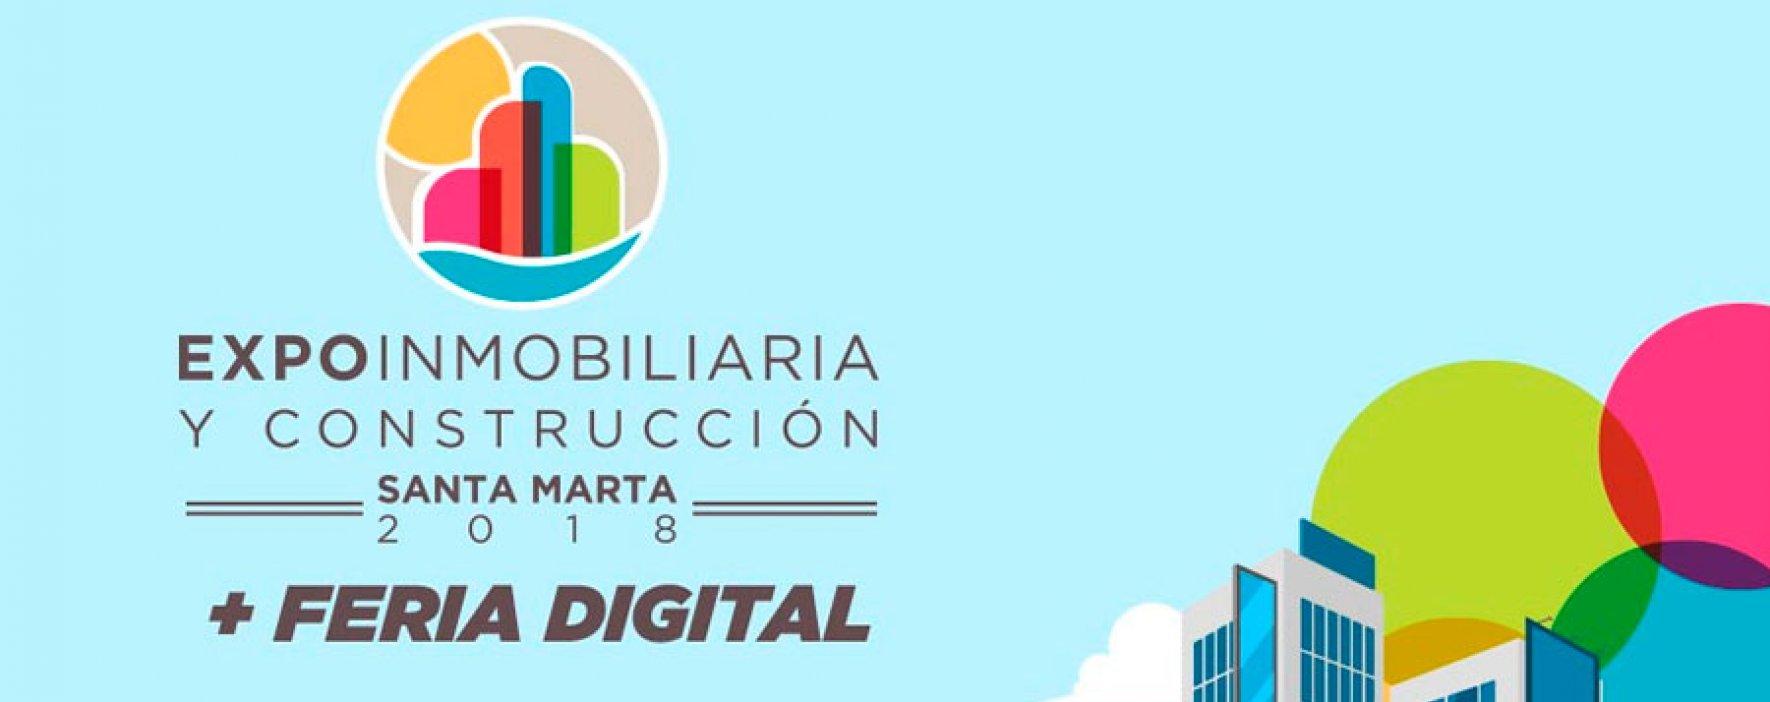 Expoinmobiliaria y Construcción 2018, oportunidades de inversión en Magdalena